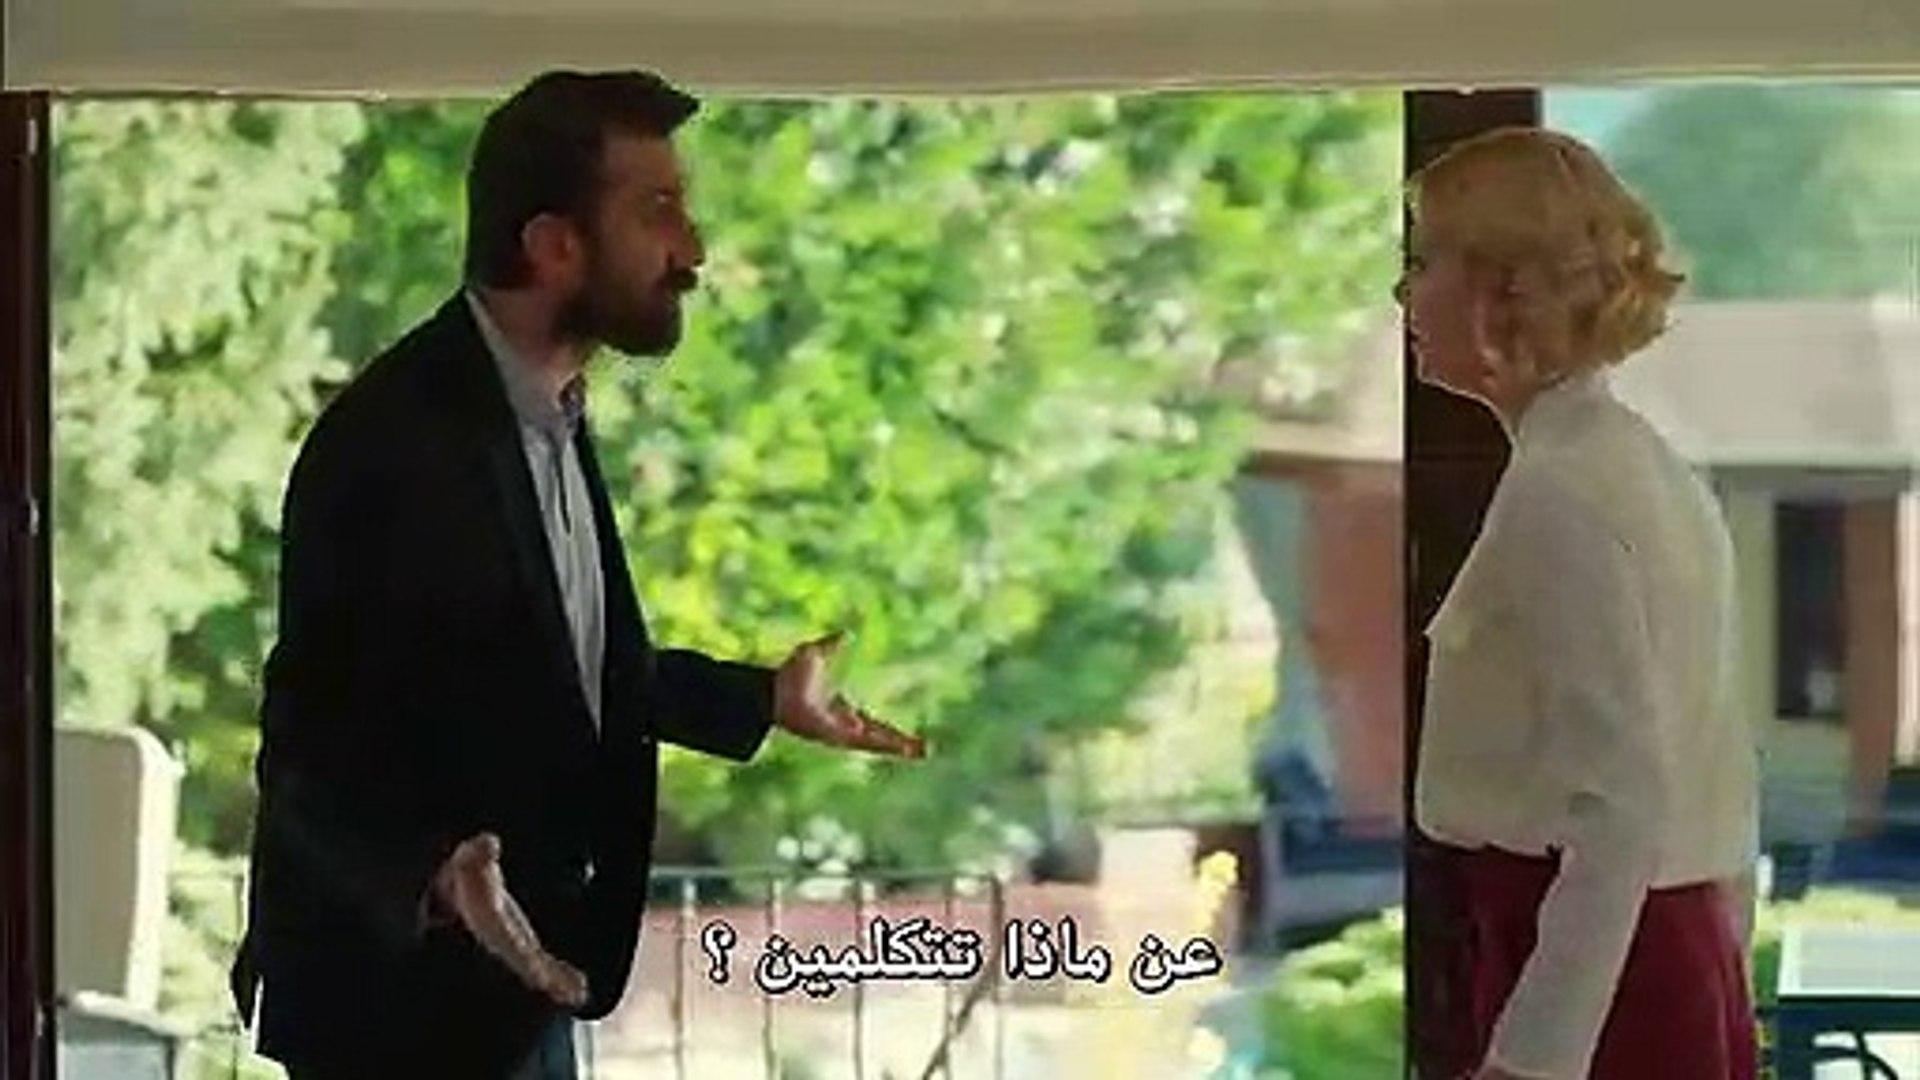 مسلسل البدر الحلقة 19 القسم 3 مترجم للعربية زوروا رابط موقعنا بأسفل الفيديو فيديو Dailymotion